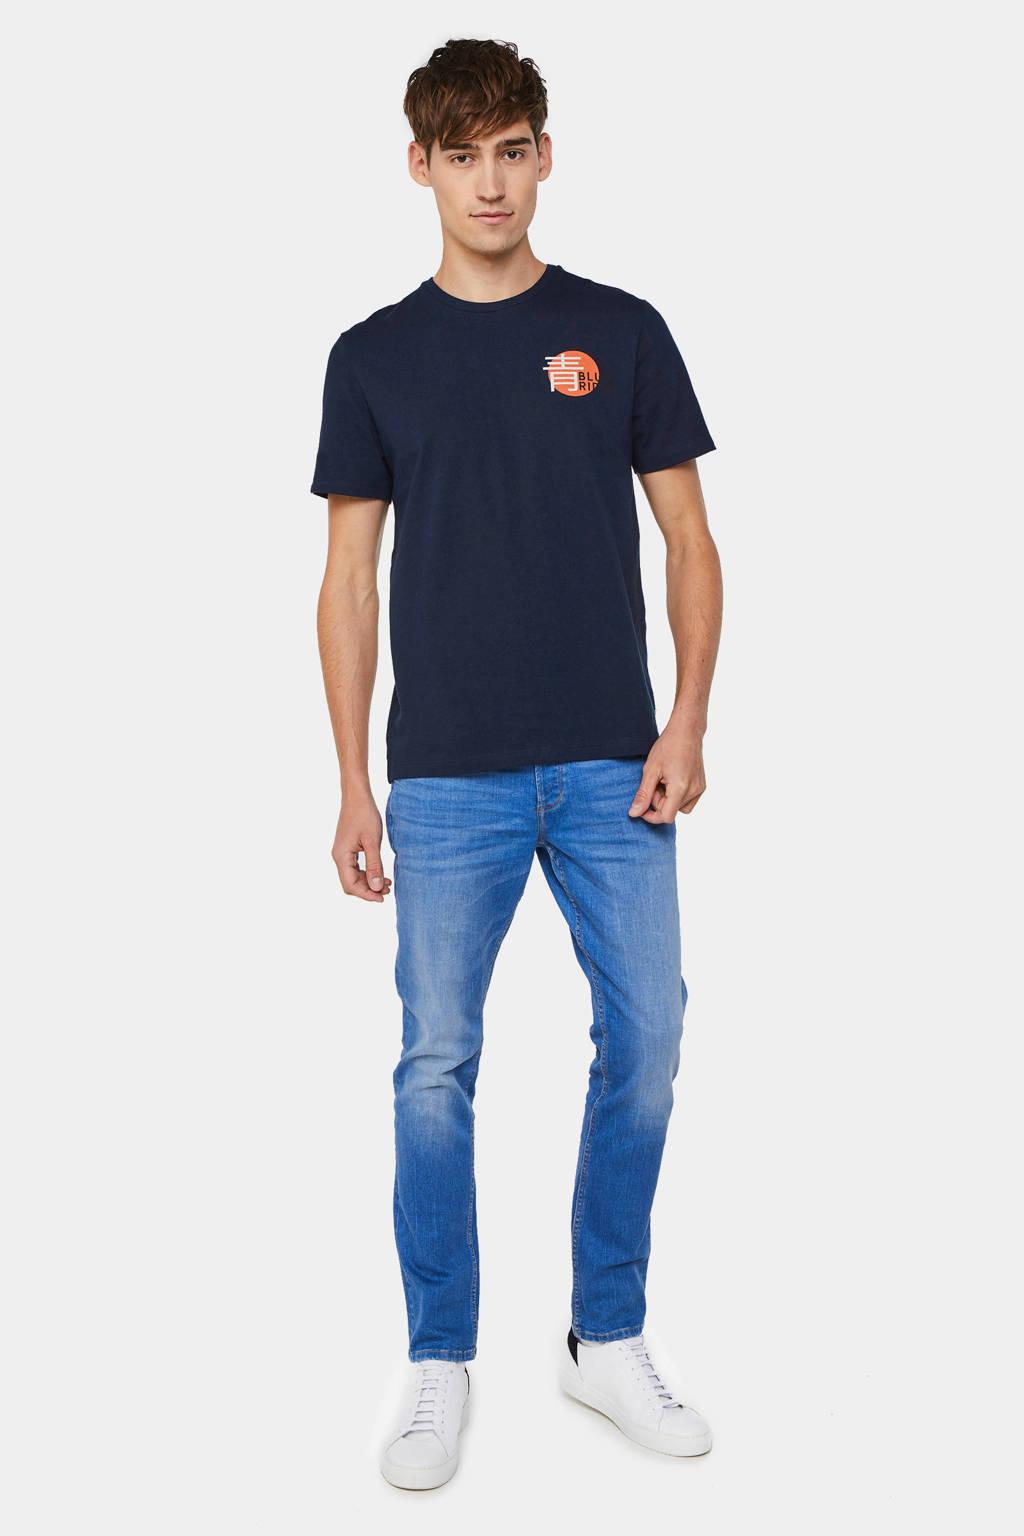 WE Fashion Blue Ridge Regular fit T-shirt met printopdruk, Royal Navy